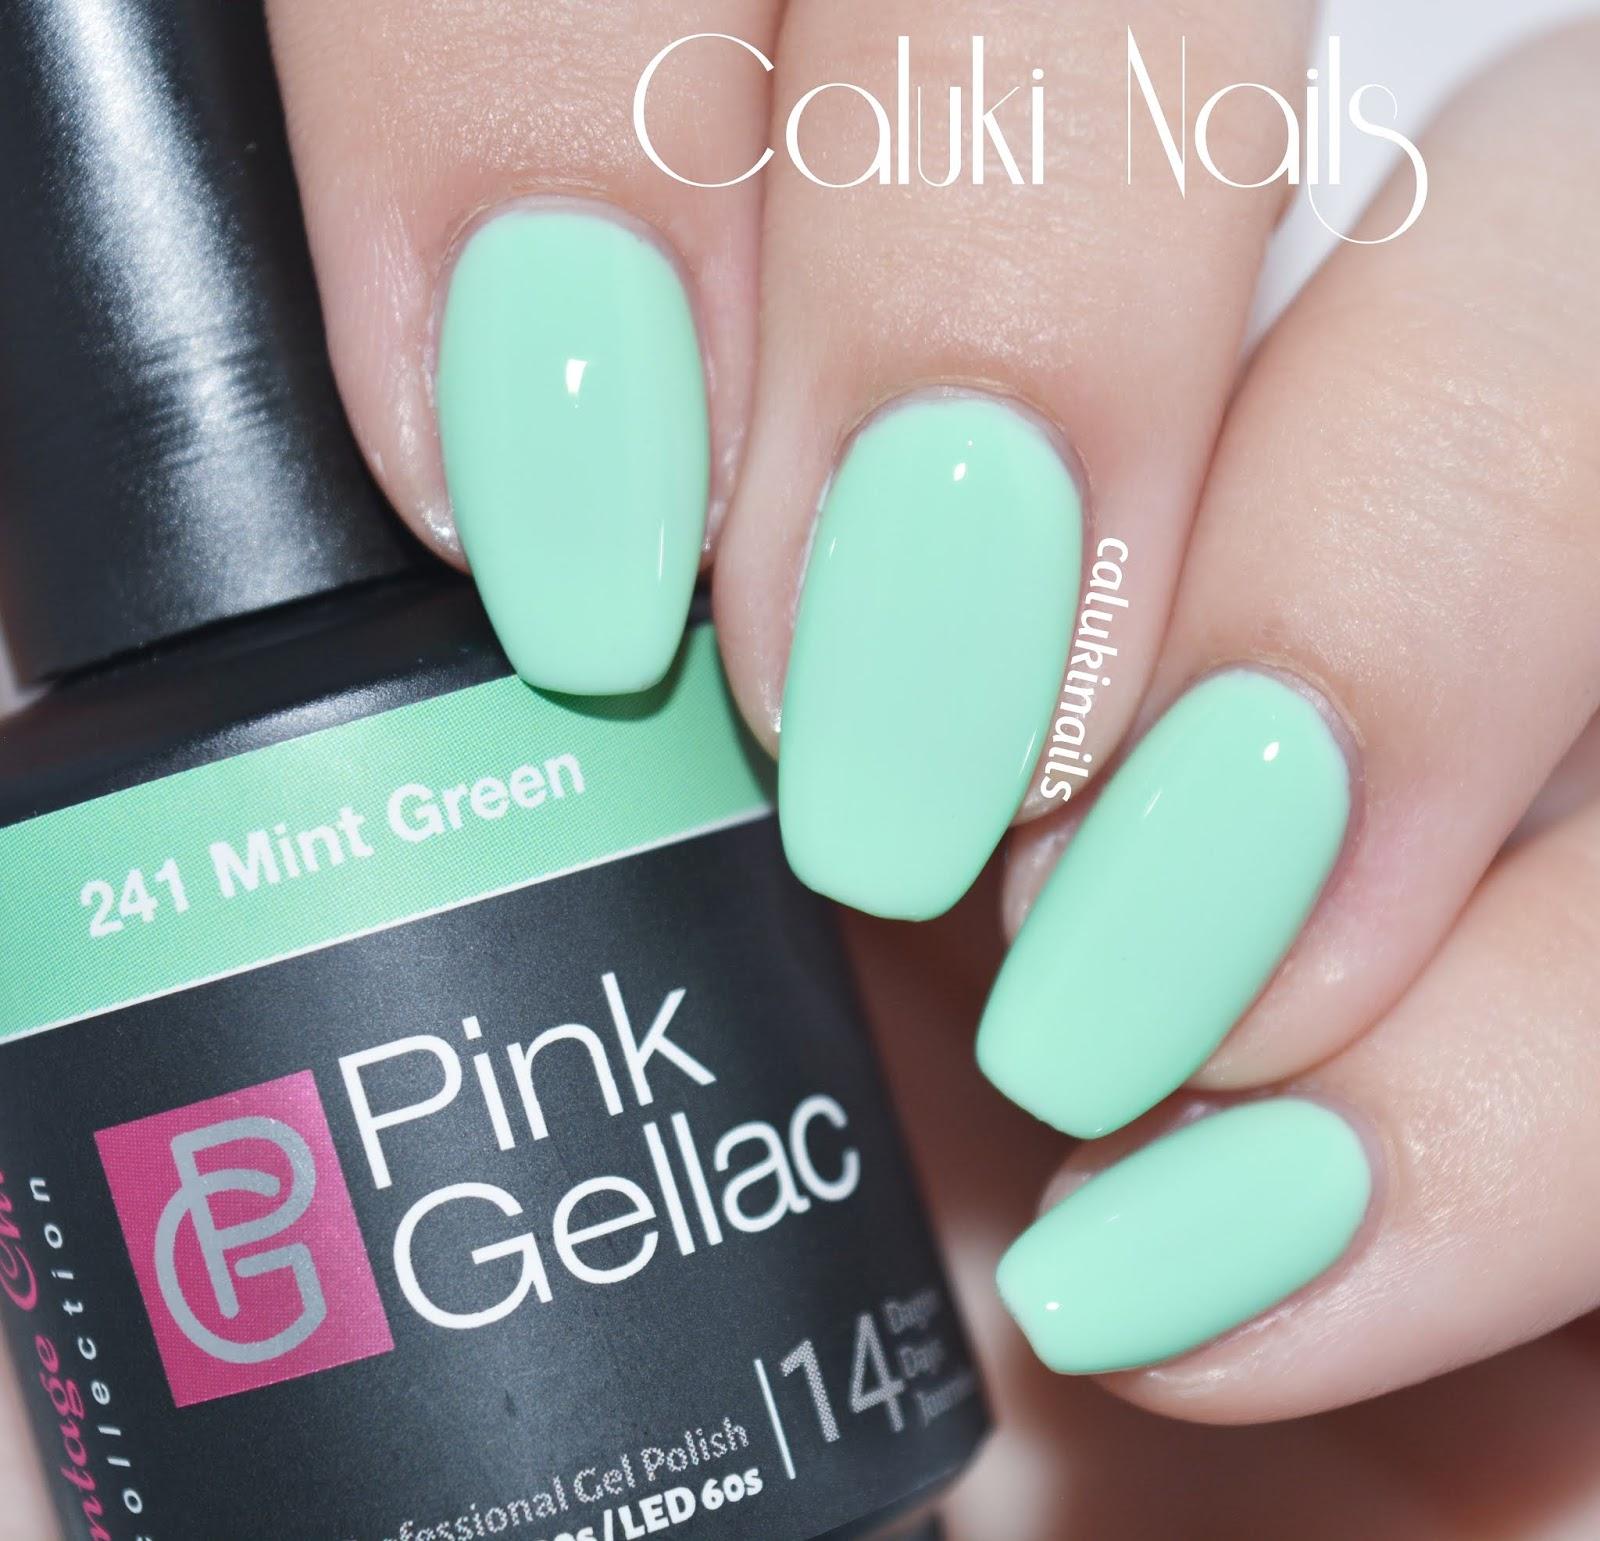 Caluki Nails